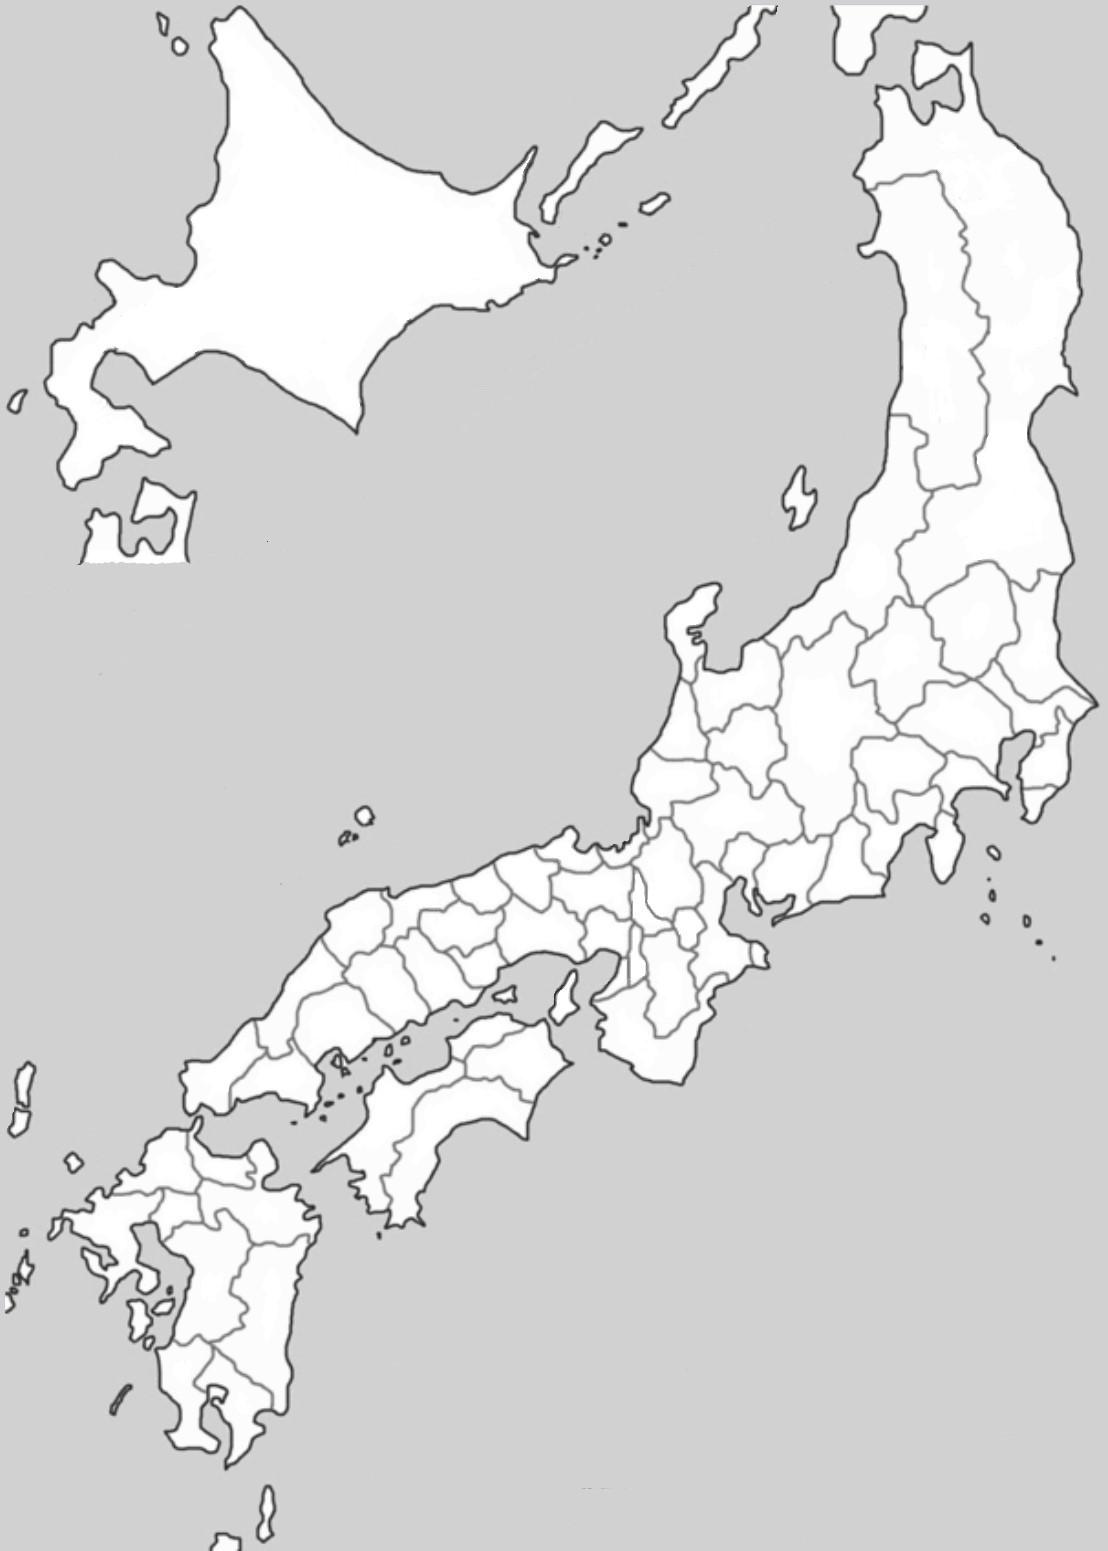 旧 国名 白地図 フリー